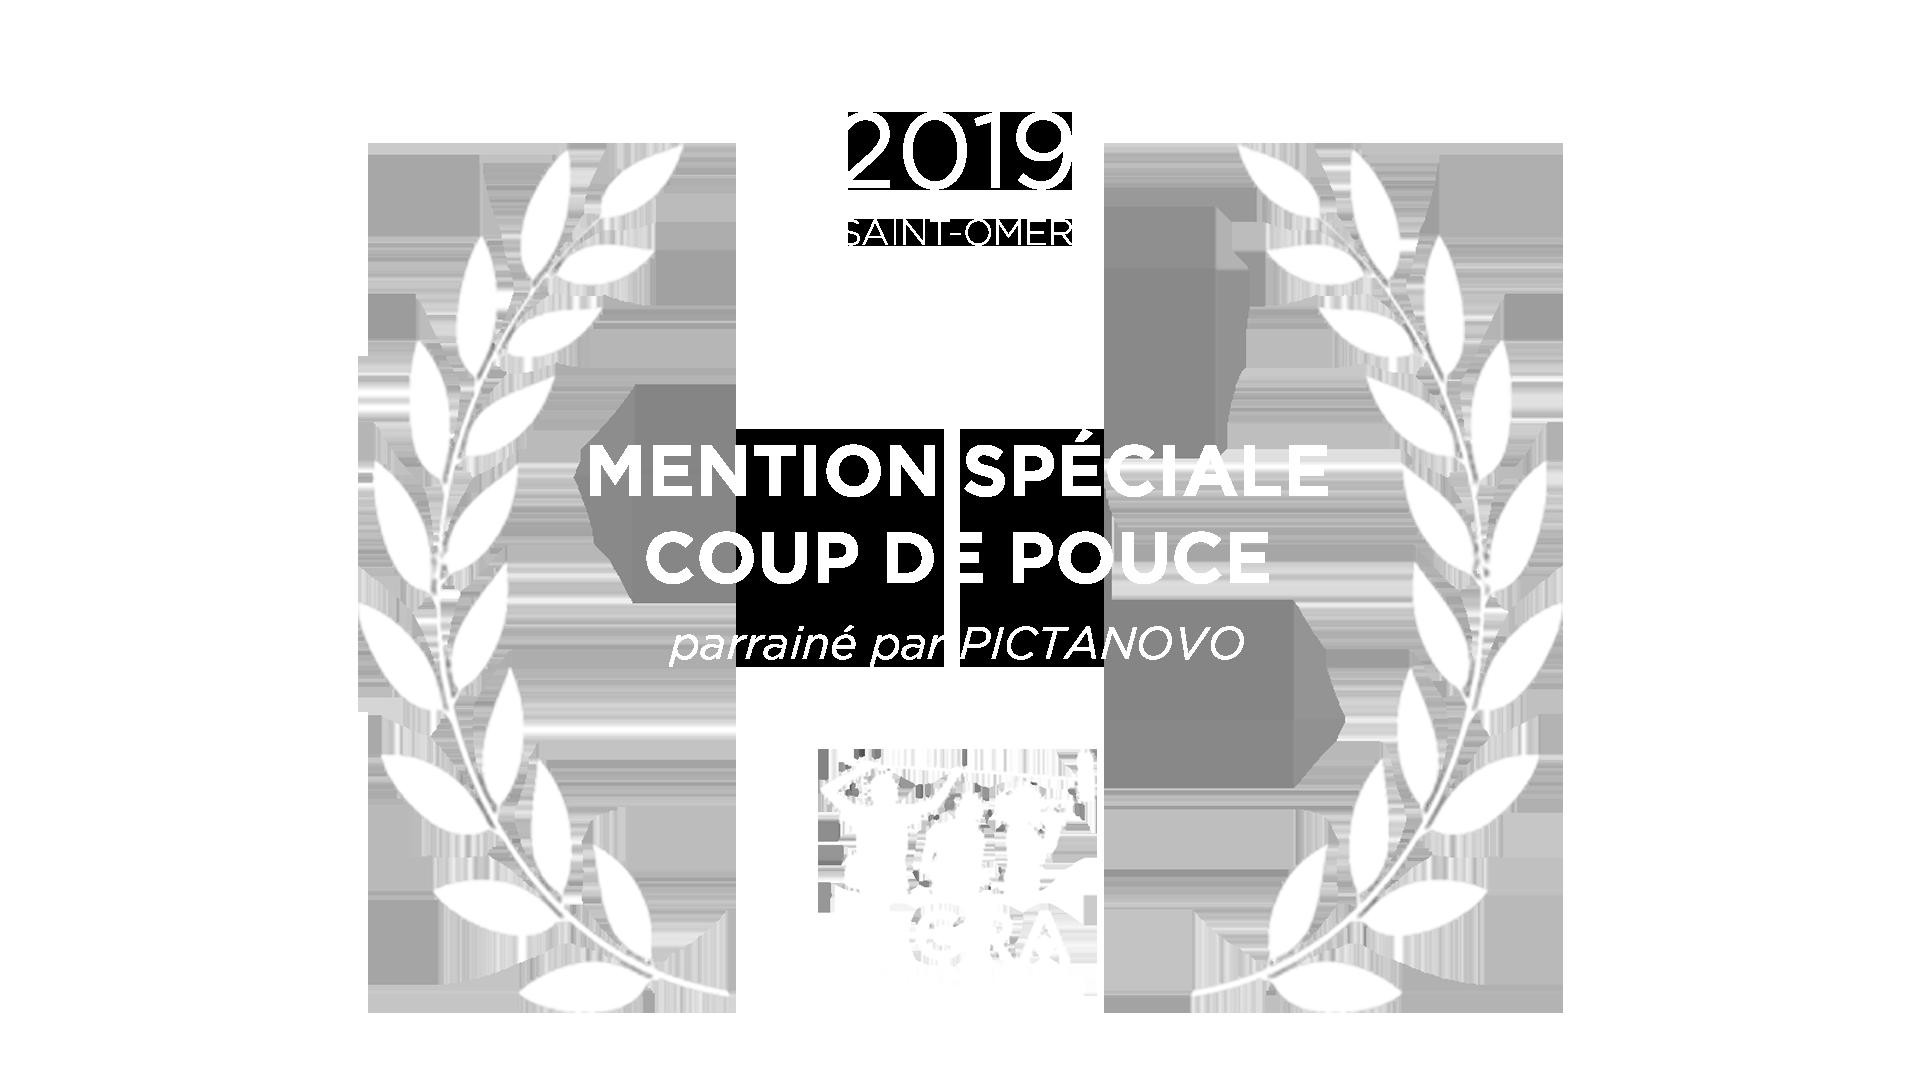 mention-speciale-coup-de-pouce-FIGRA_2019